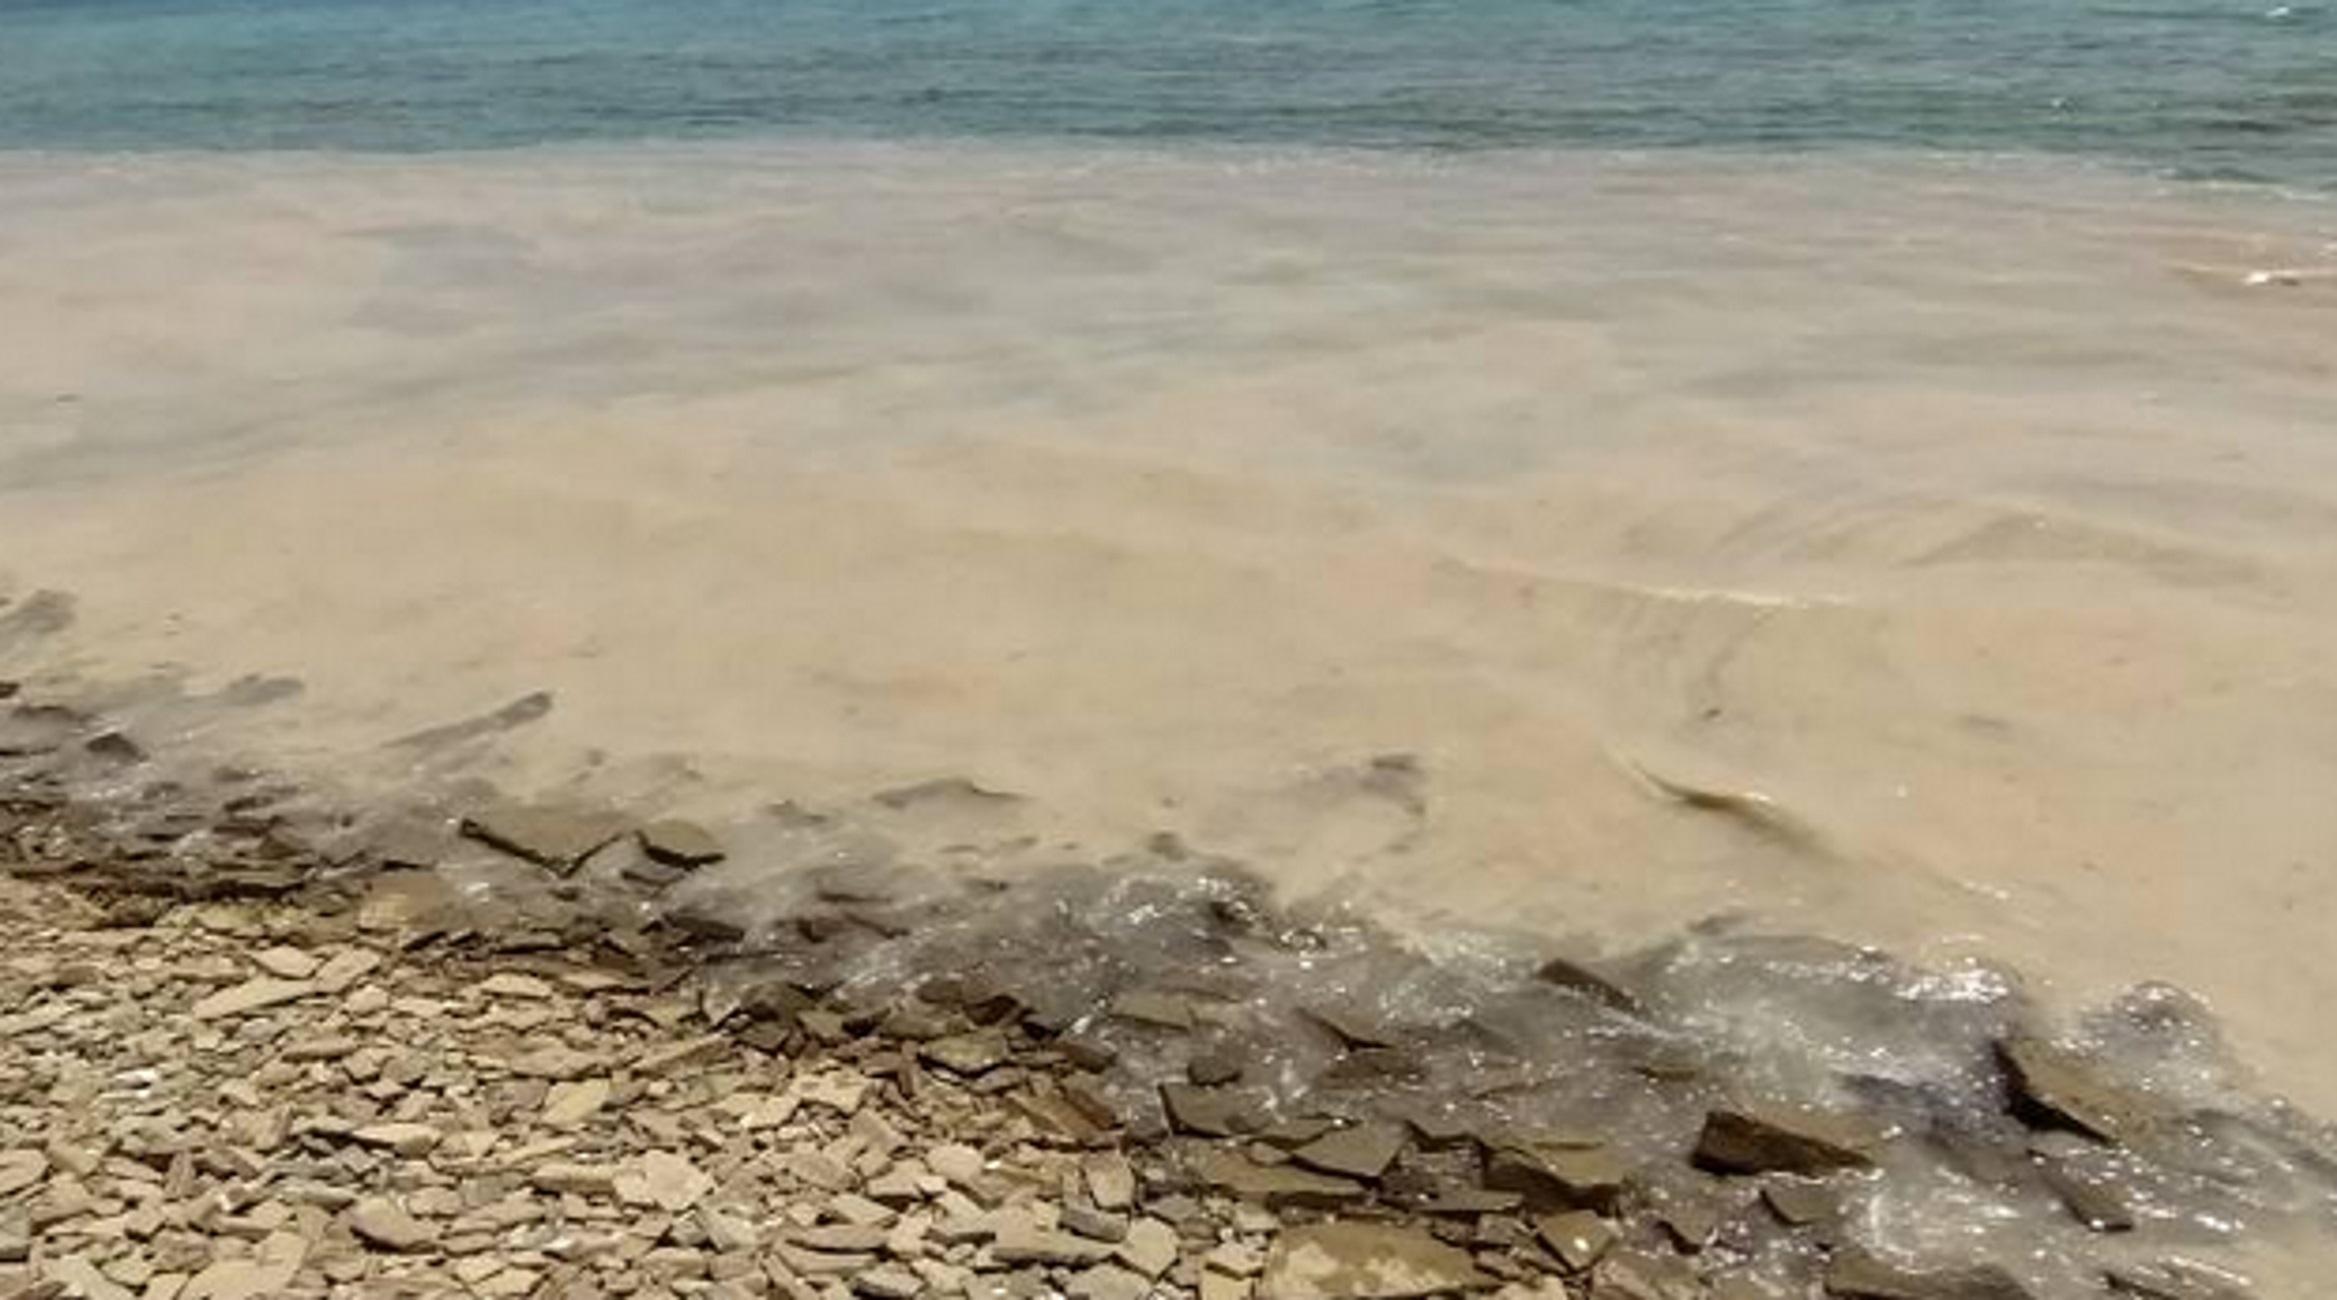 Λήμνος: Η βλέννα του Μαρμαρά έκανε αγνώριστες τις παραλίες του νησιού – Η θάλασσα άλλαξε χρώμα